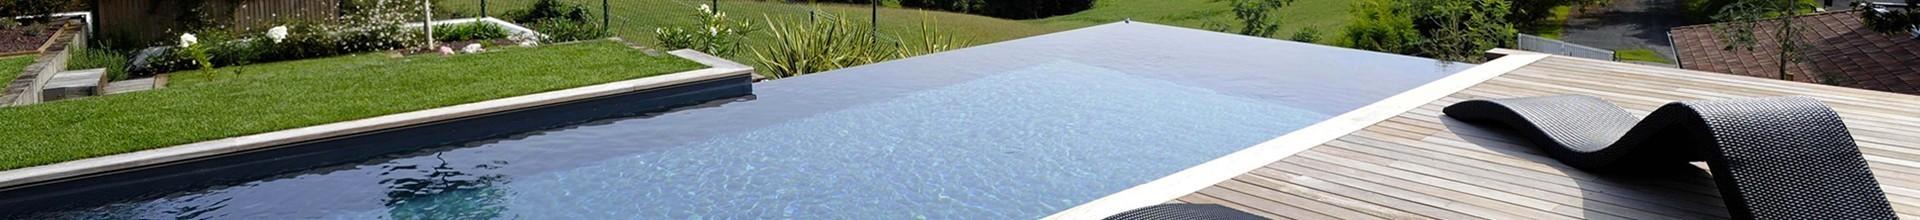 Ile de France Essonne concrétiser votre envie de piscine innovante